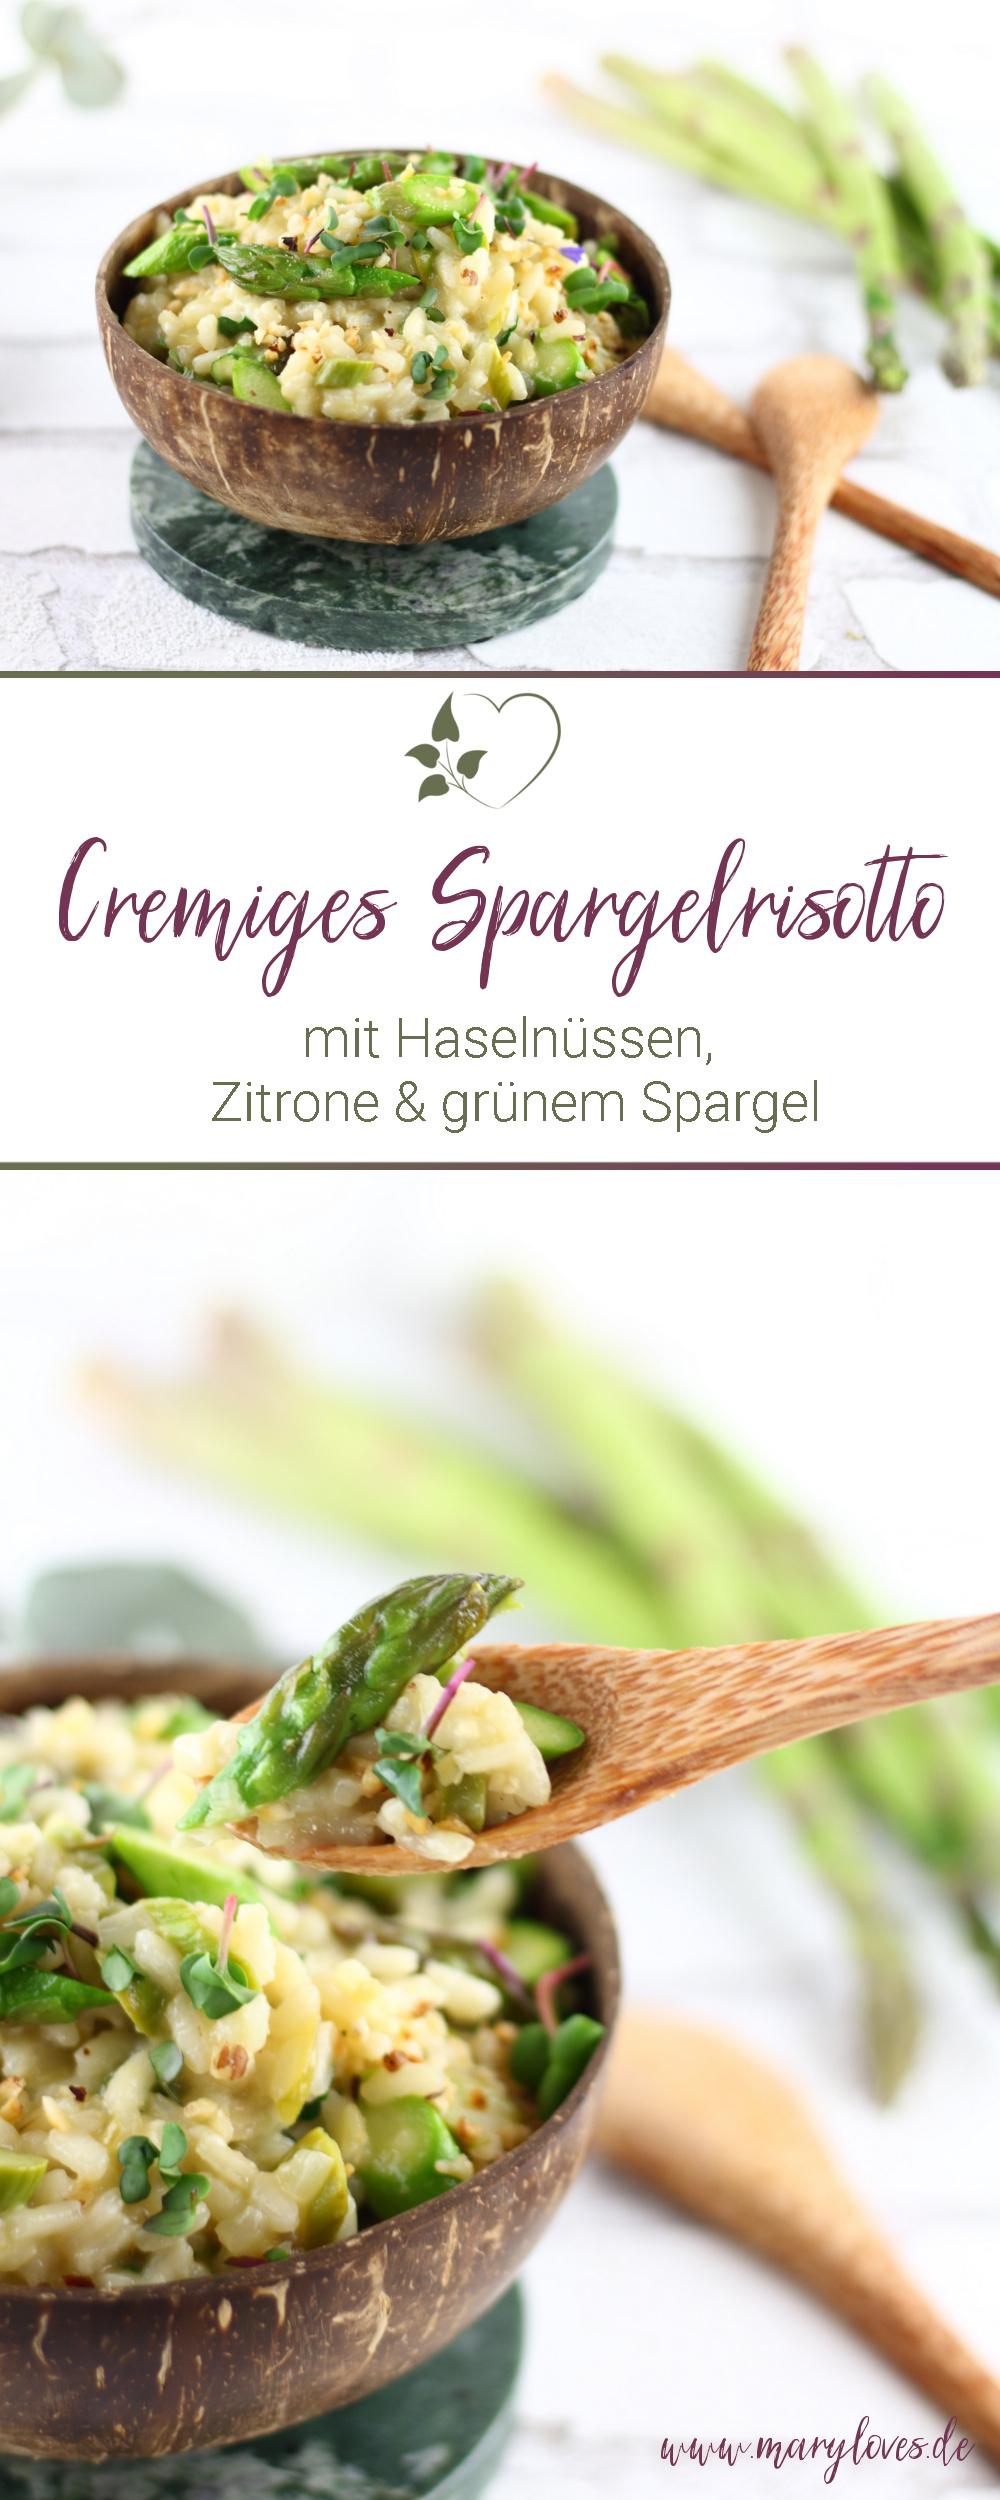 [Werbung unbeauftragt] Cremiges Spargelrisotto mit Haselnüssen, Zitrone und grünem Spargel - #spargel #grünerspargel #grünspargel #risotto #spargelrisotto #vegetarisch #spargelsaison